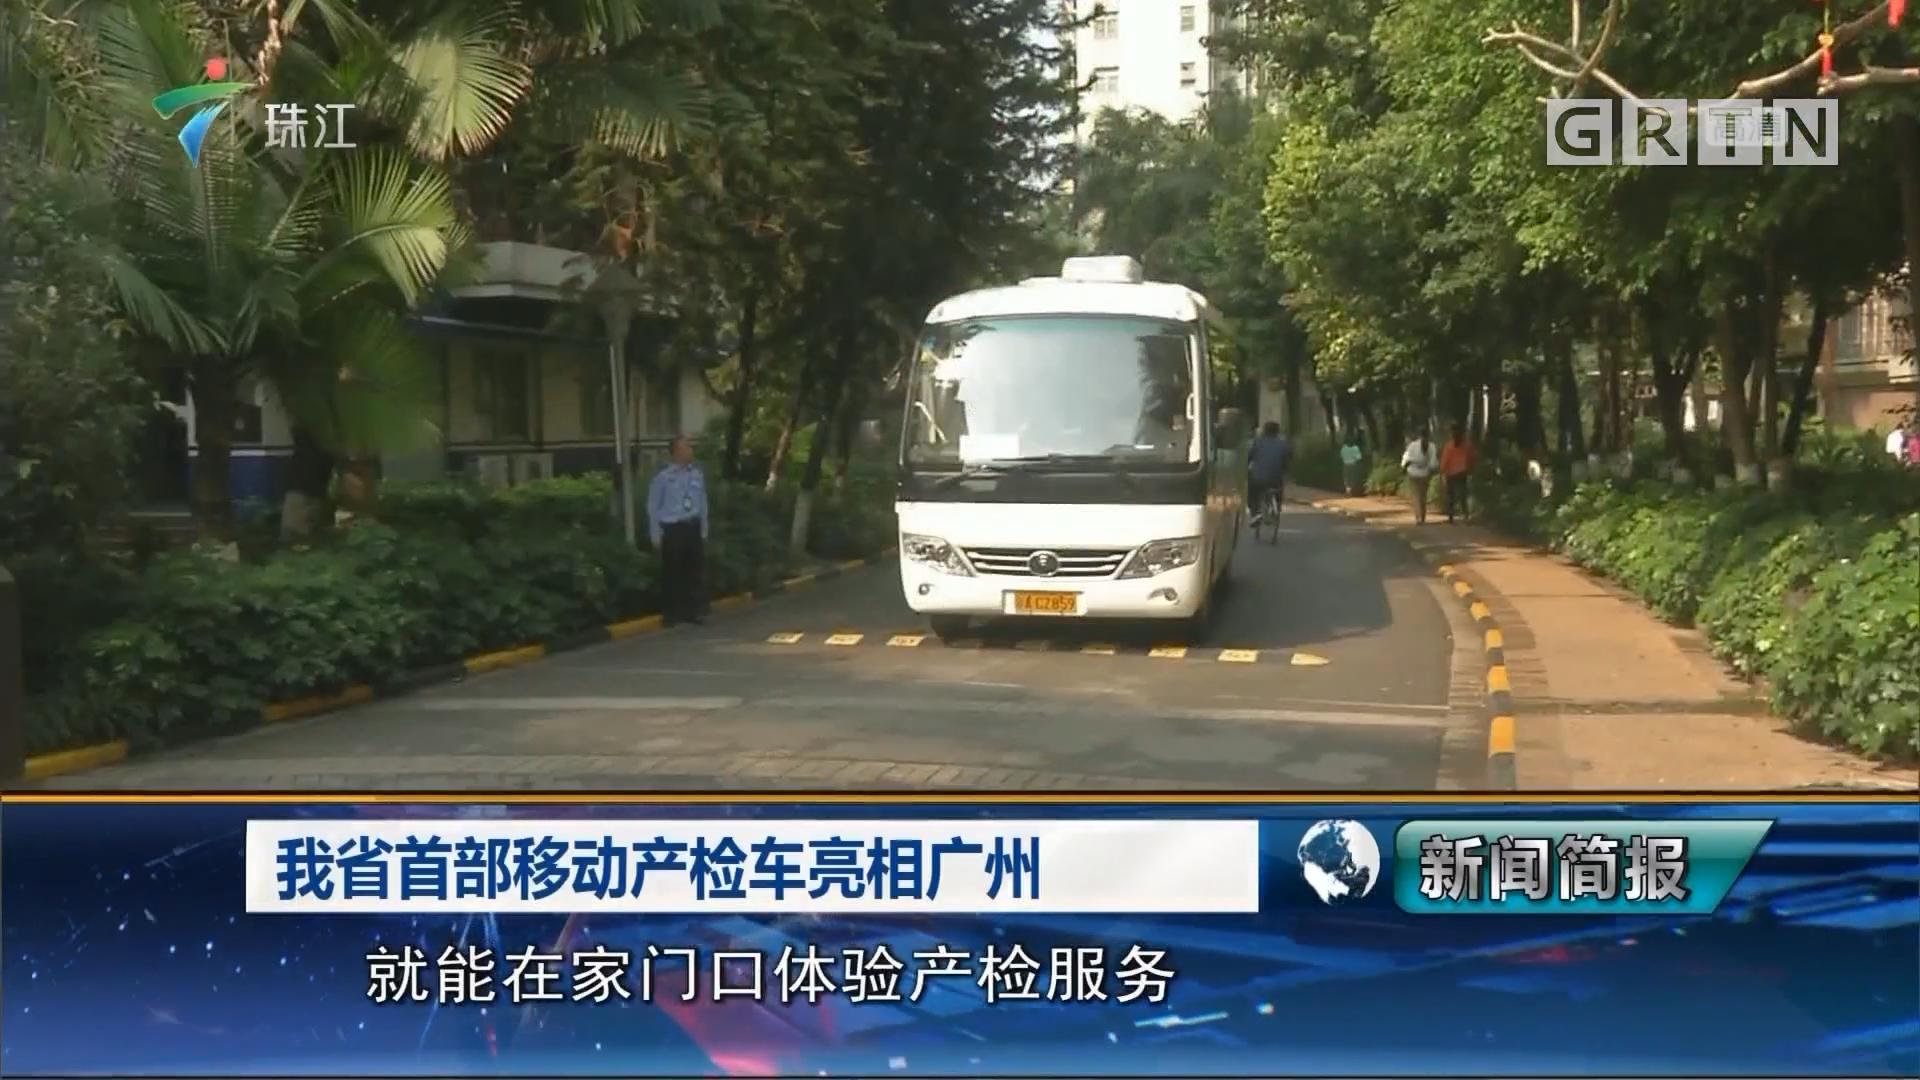 我省首部移动产检车亮相广州